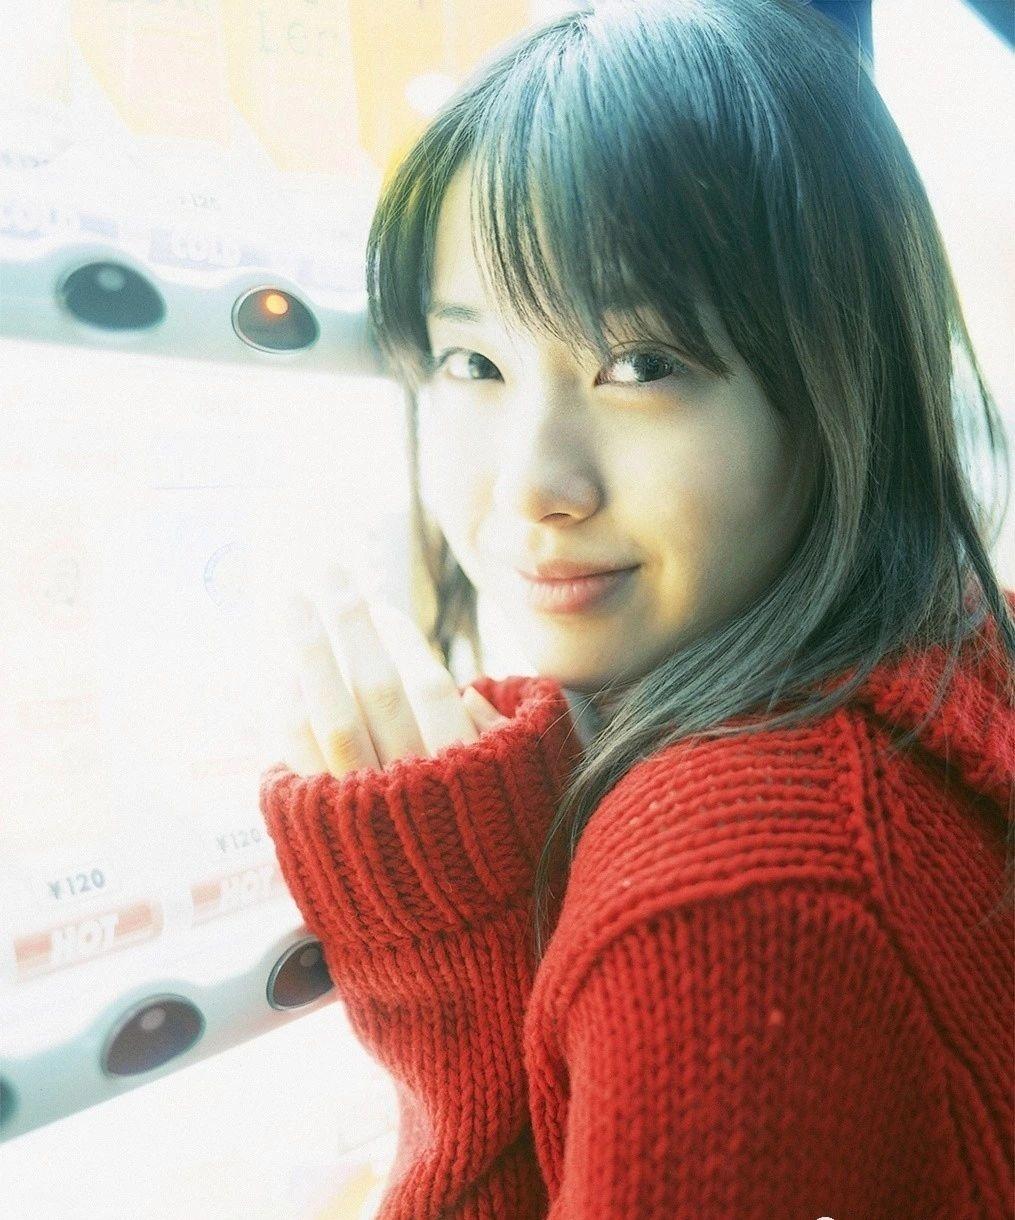 美的不可方物少女时代的户田惠梨香写真作品 (8)